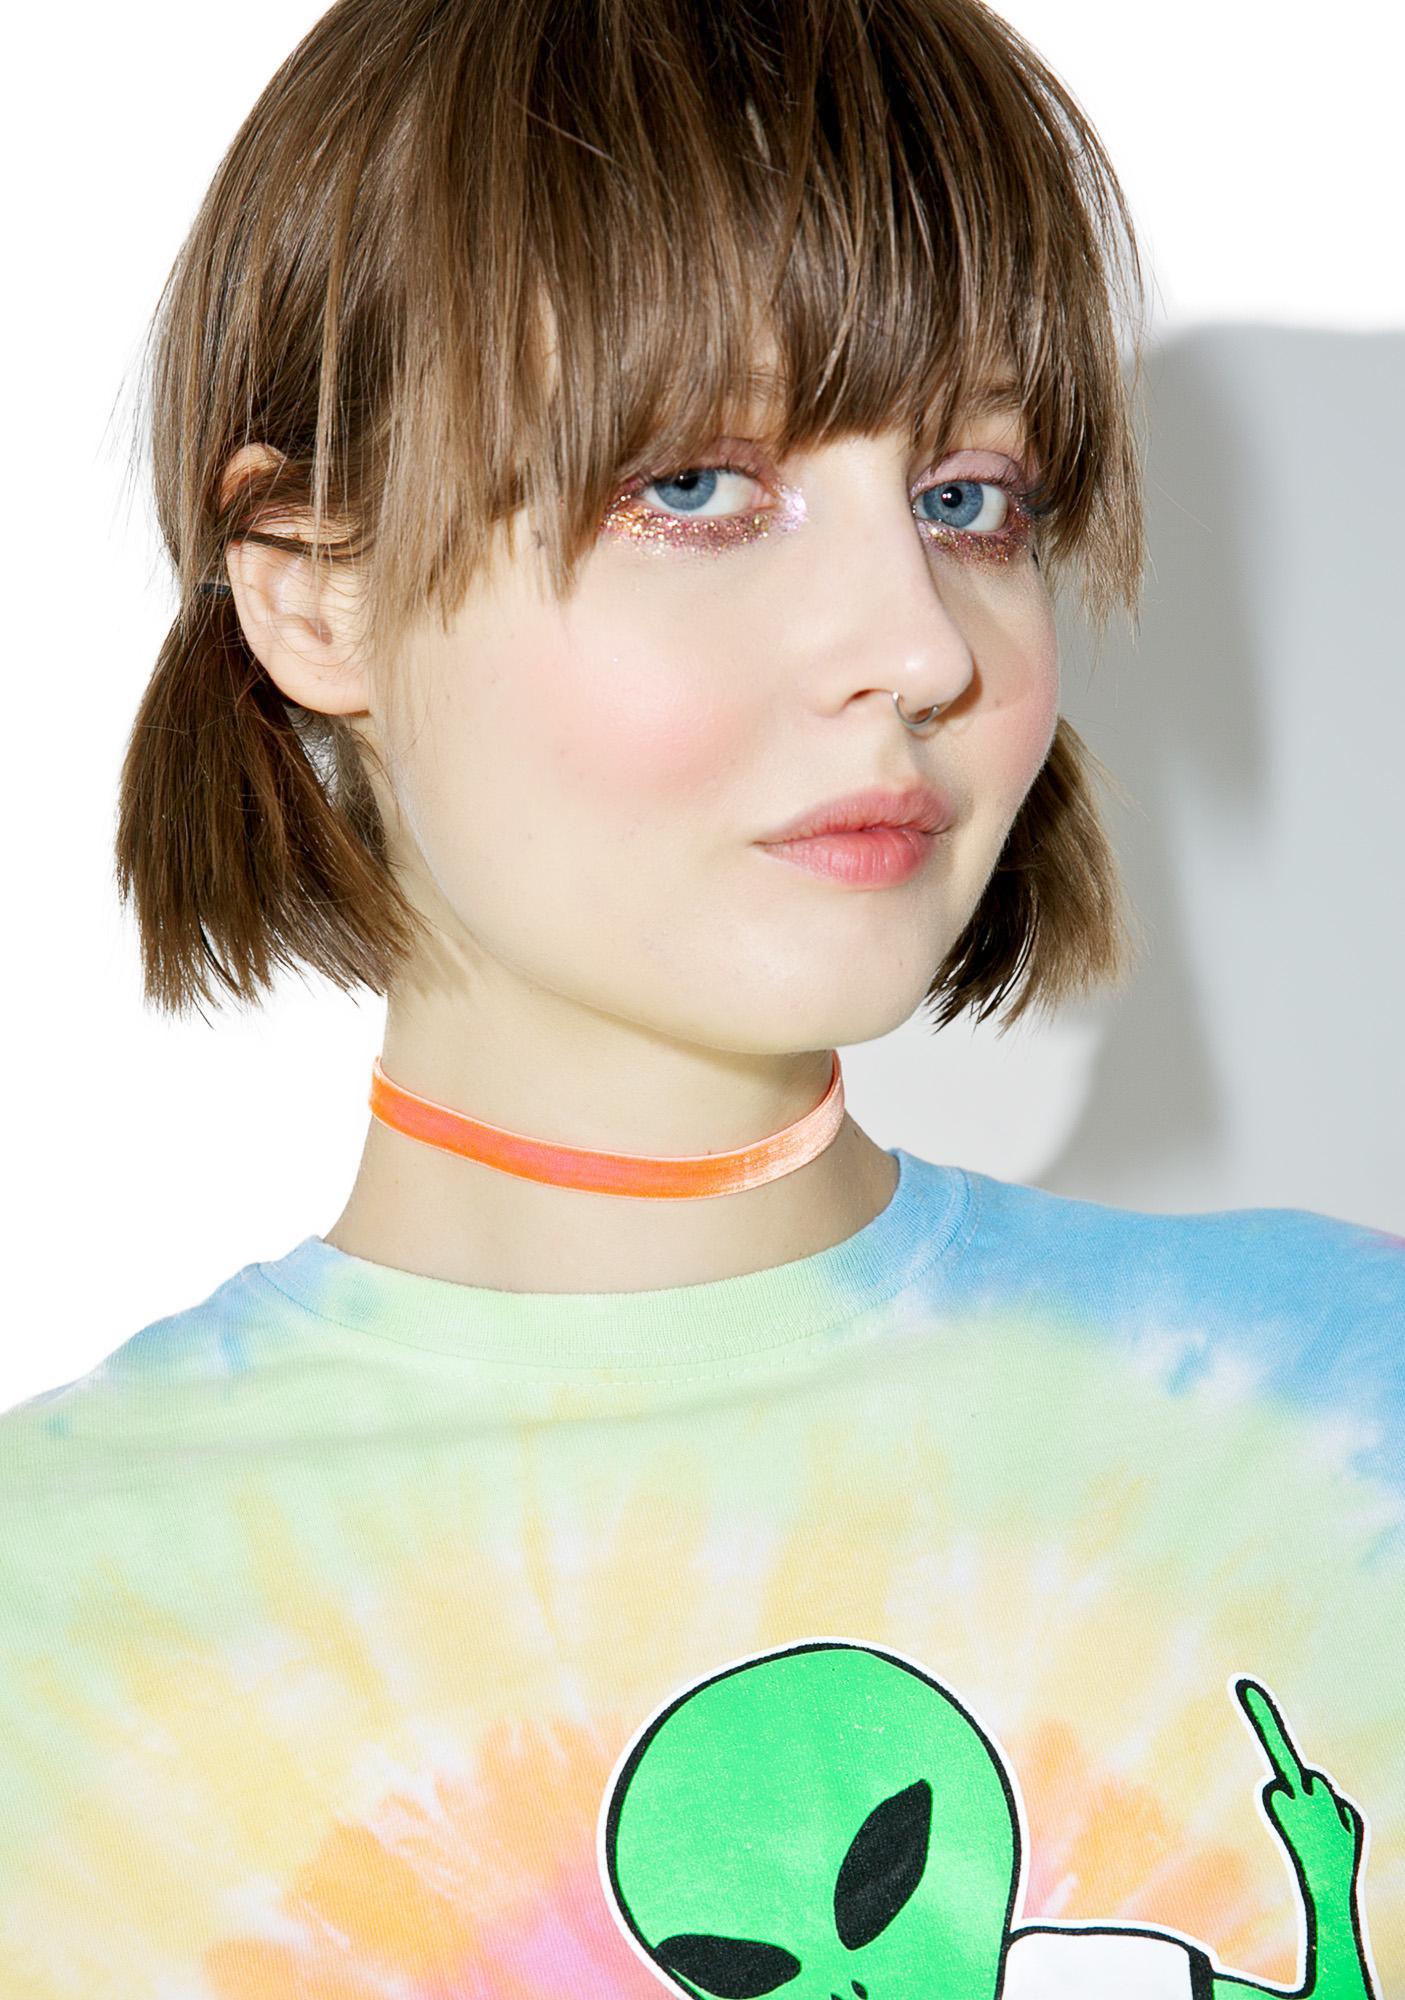 Trixy Starr Tangerine Dreams Velvet Choker